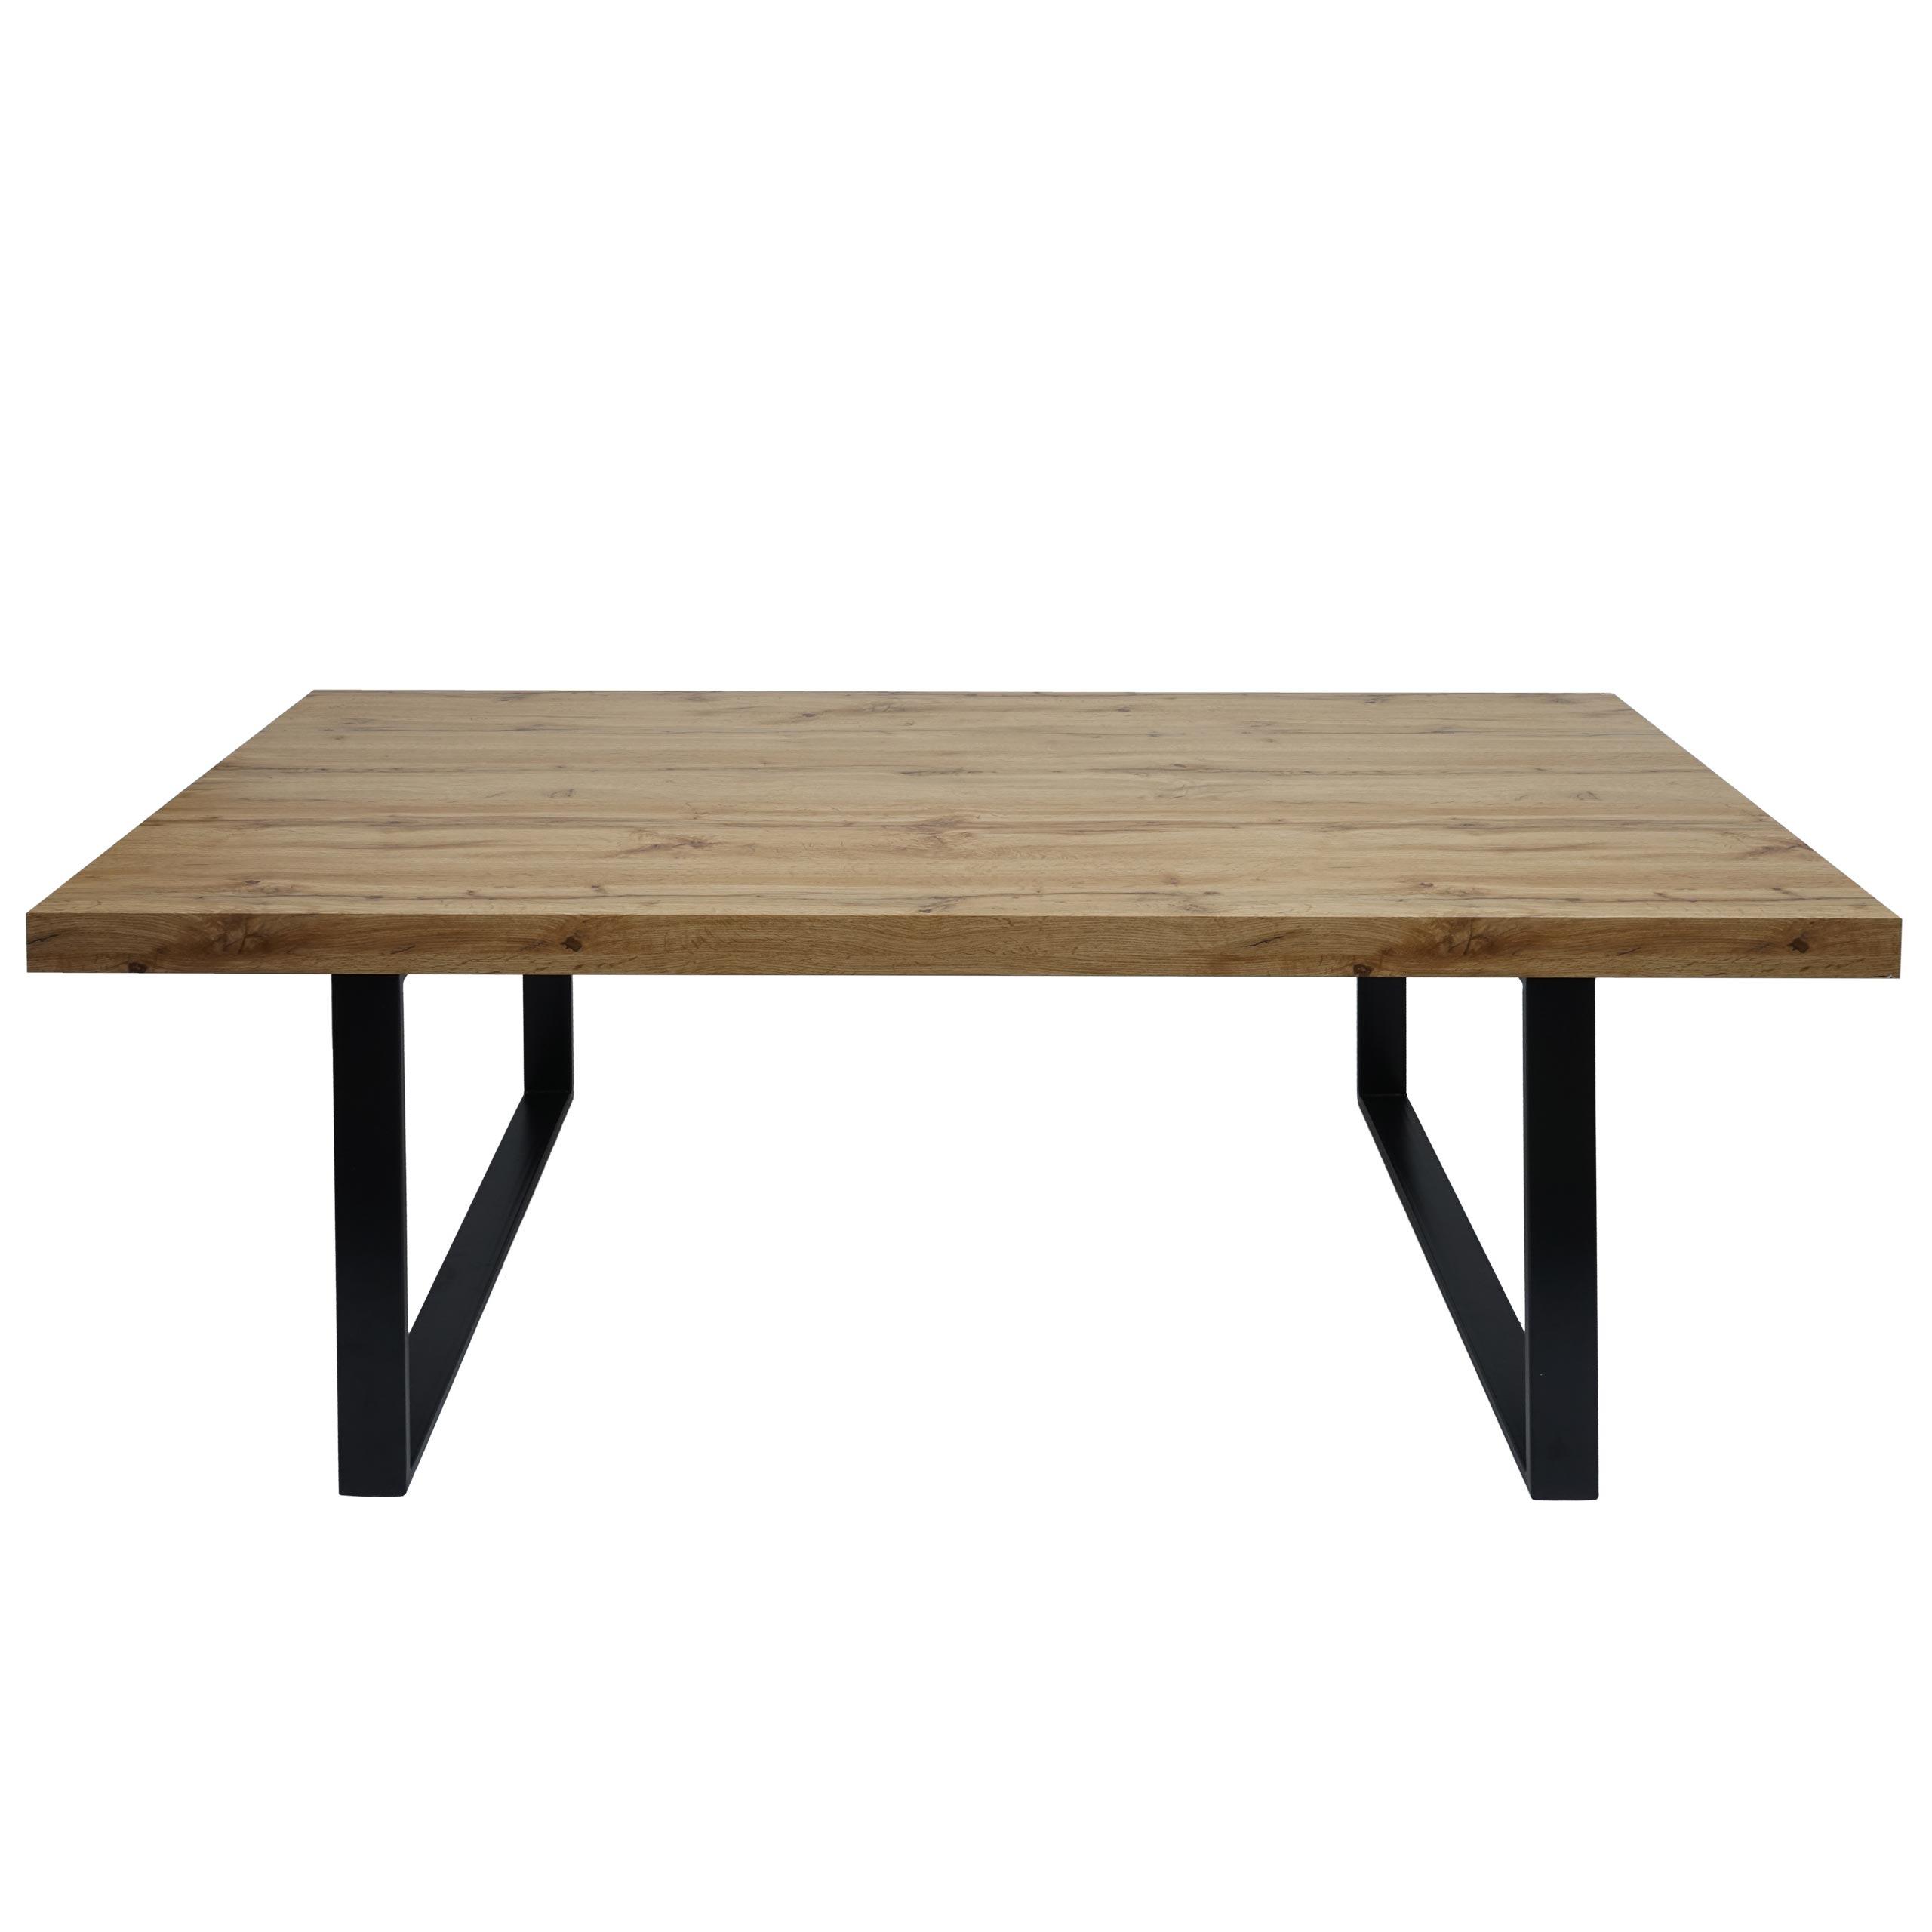 Esstisch HWC G86, Esszimmertisch Küchentisch Holztisch Tisch, Eiche Optik Metall Füße schwarz 190x95cm